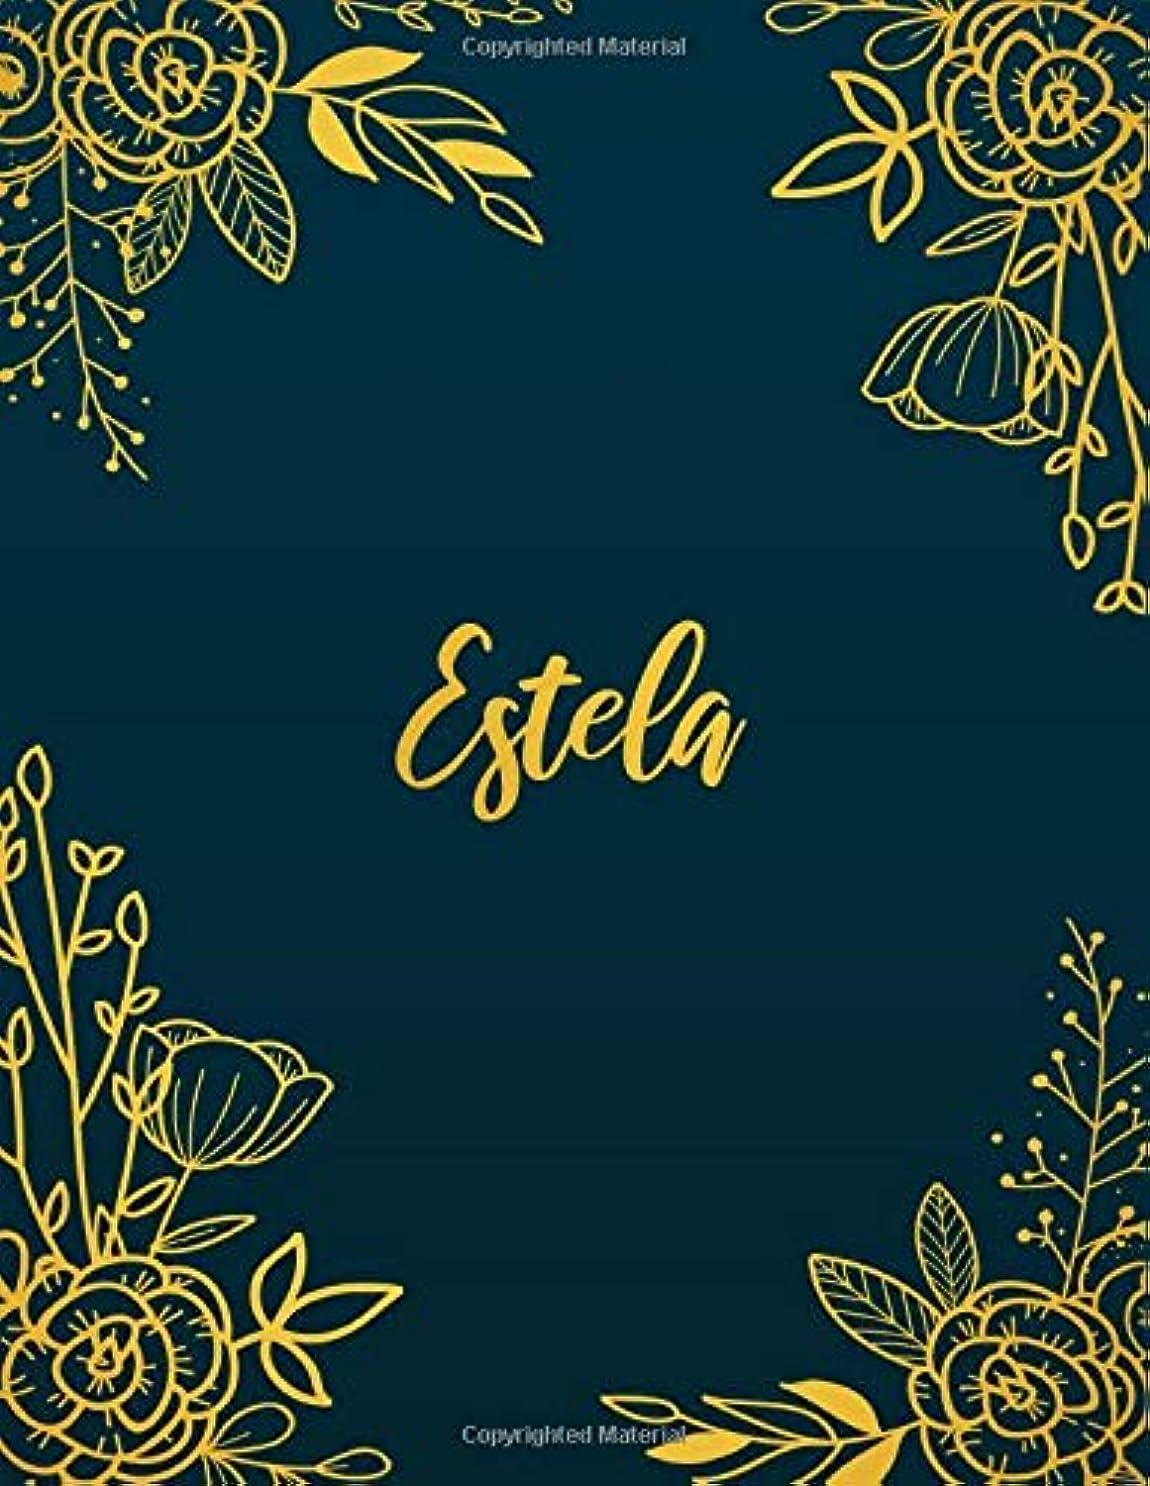 弾薬運搬スポーツの試合を担当している人Estela: Personalized Name Notebook/Journal  Perfect Gift For Women & Girls 100 Pages A4